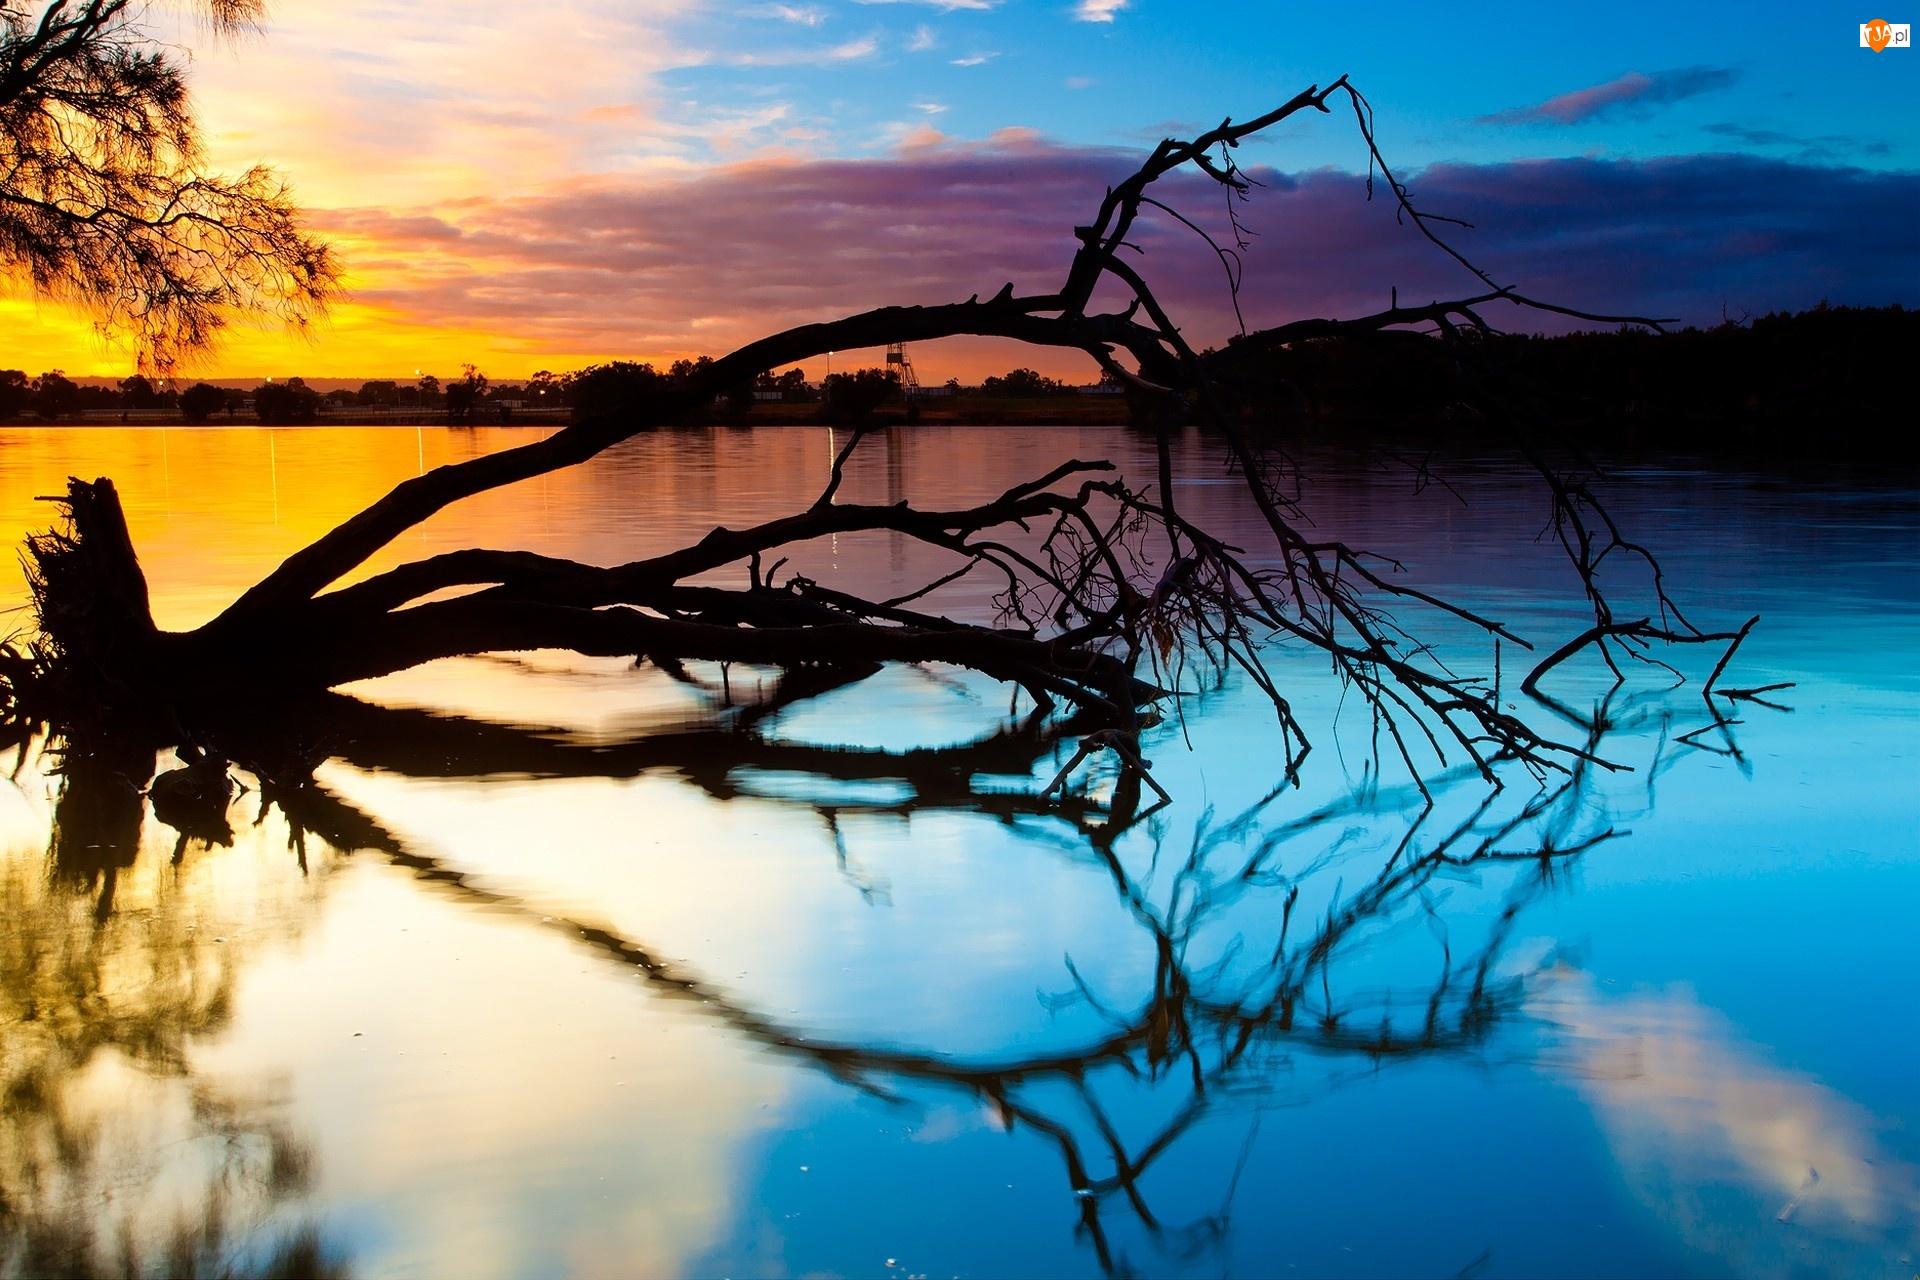 Drzewo, Zachód, Jezioro, Słońca, Powalone